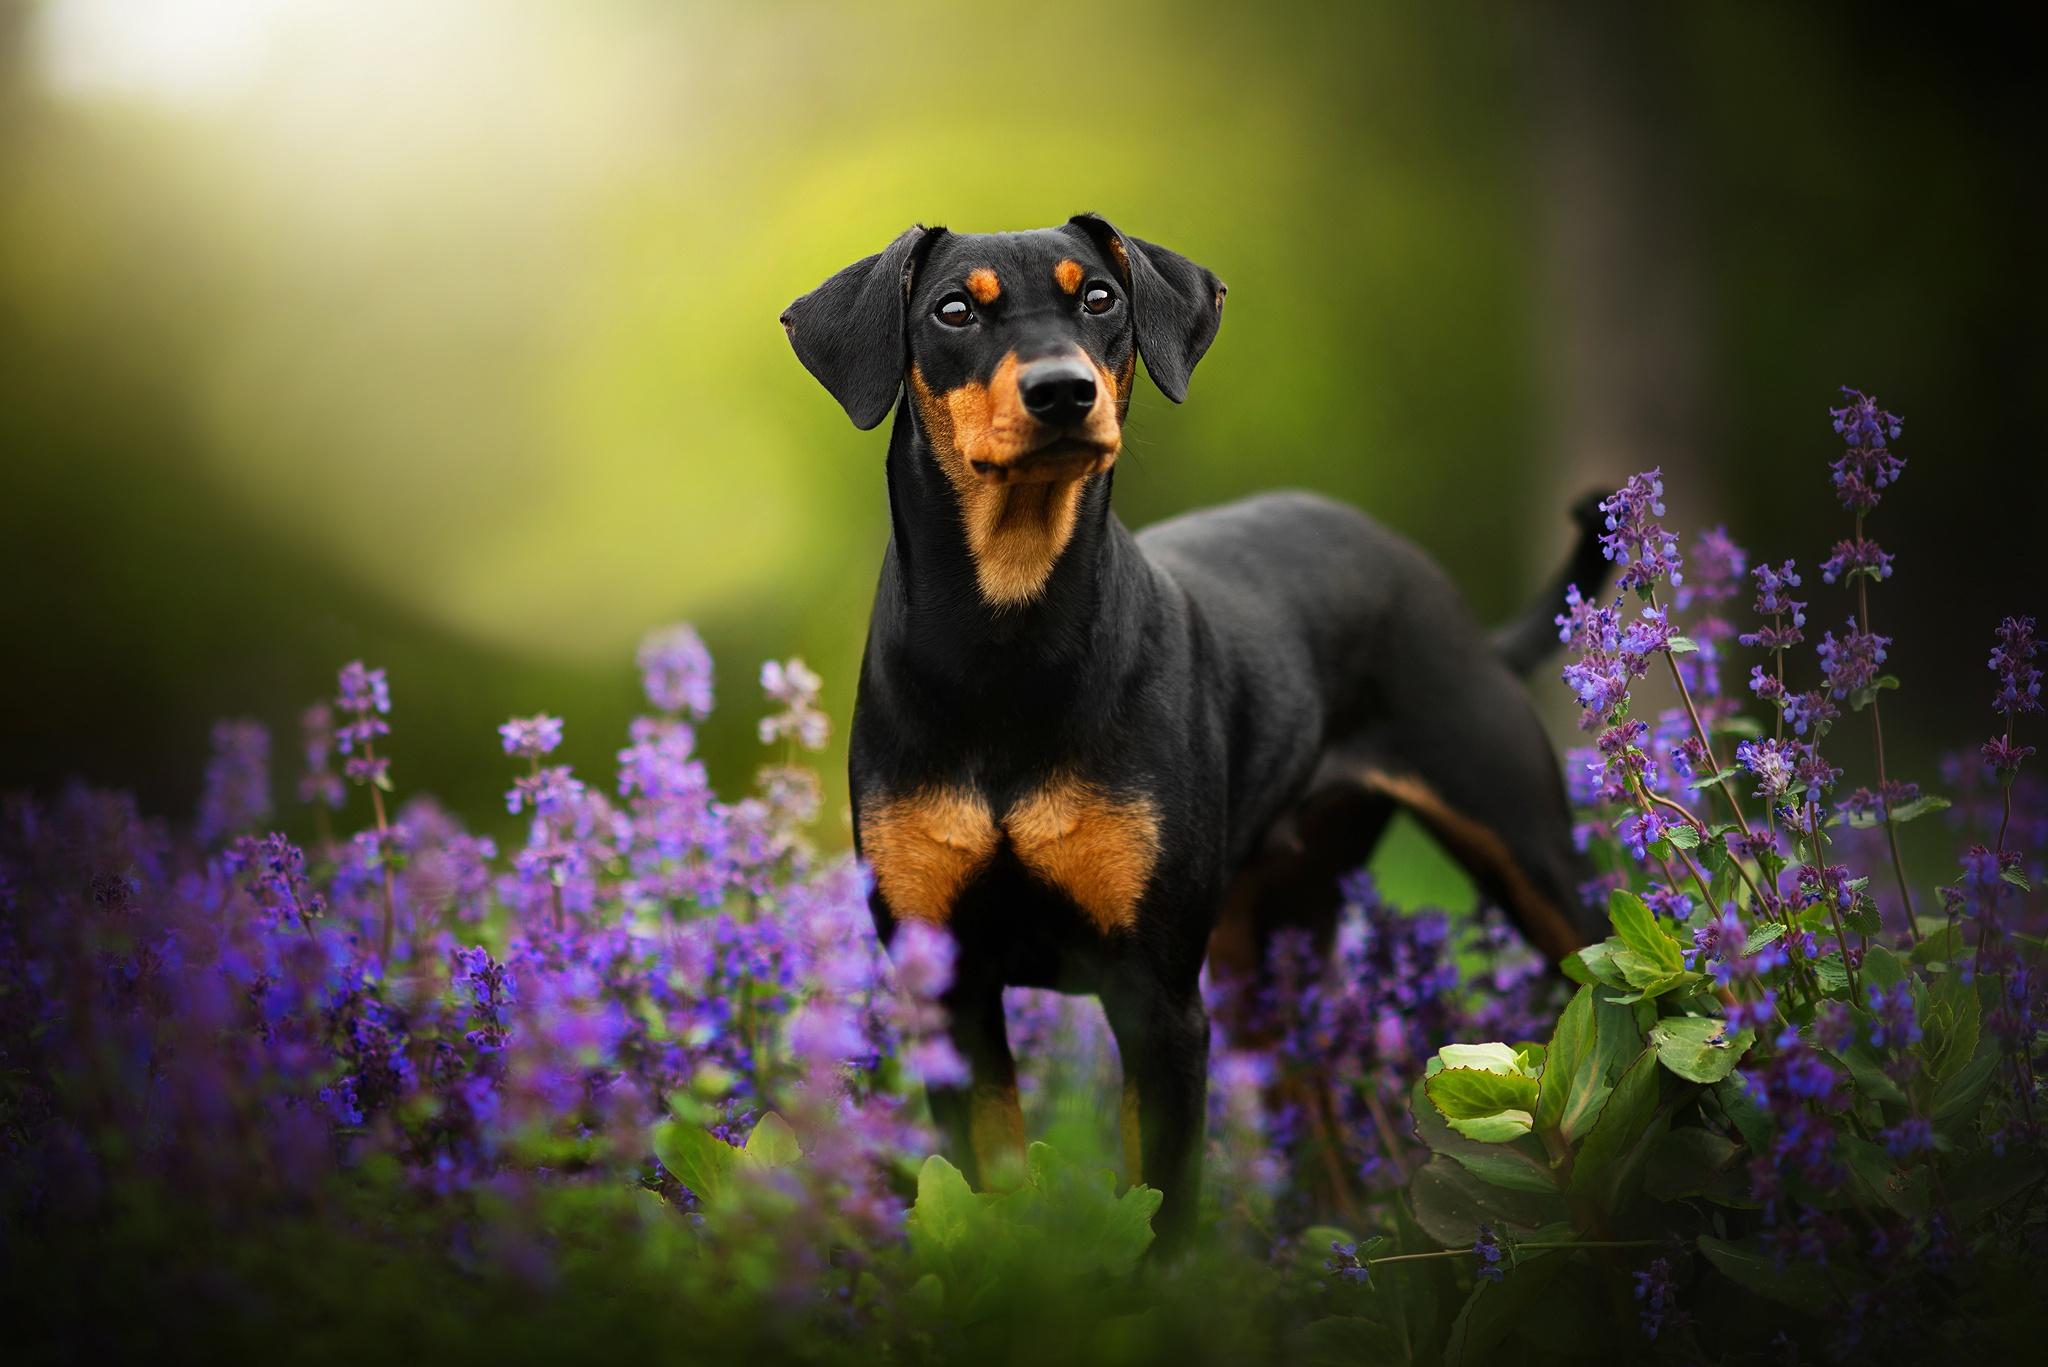 масштабные картинки собак на рабочий стол доберман бы, при воздействии